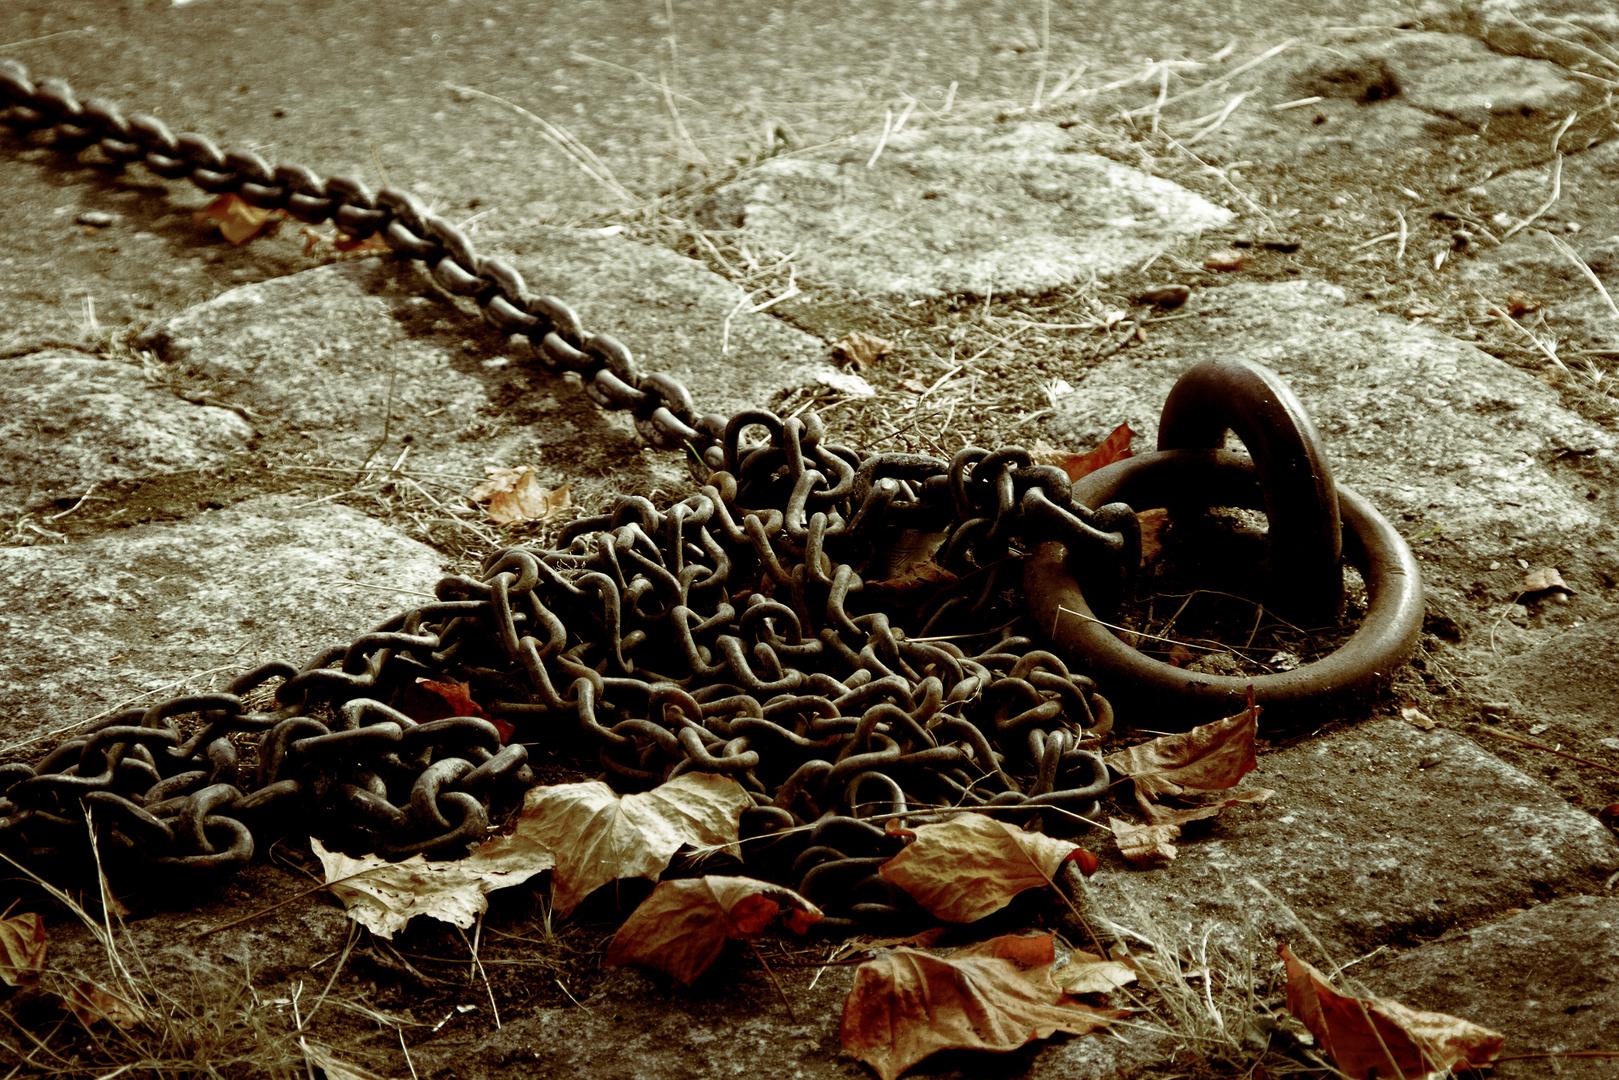 Le poids des chaînes